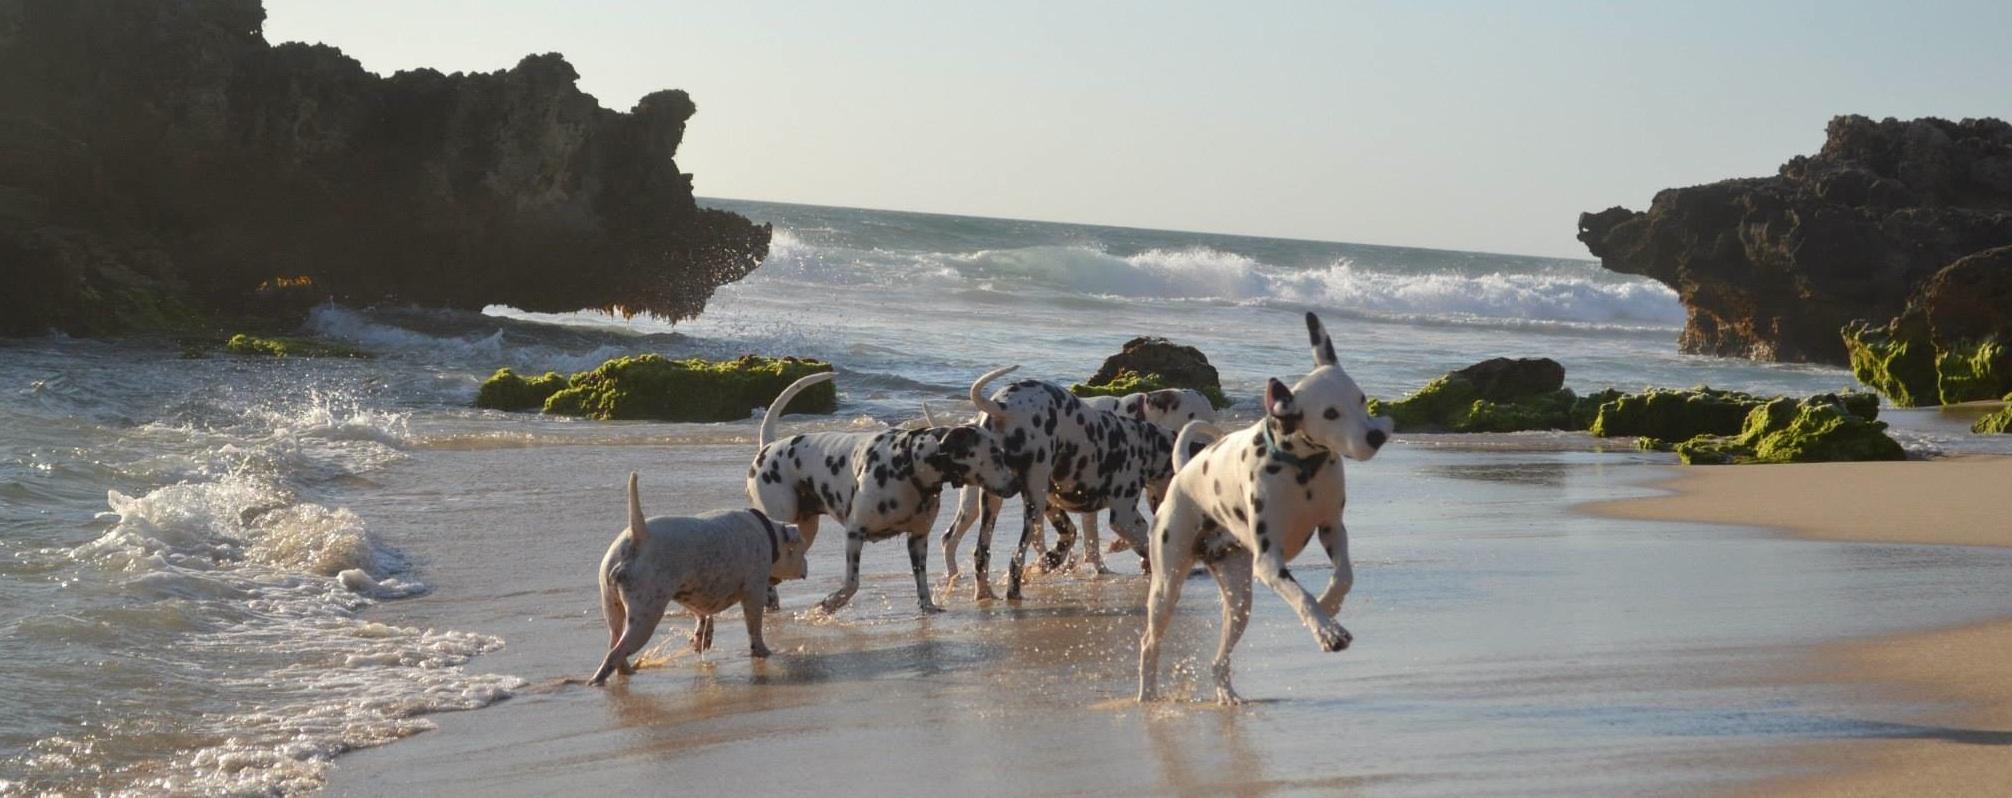 Perth Dalmatians